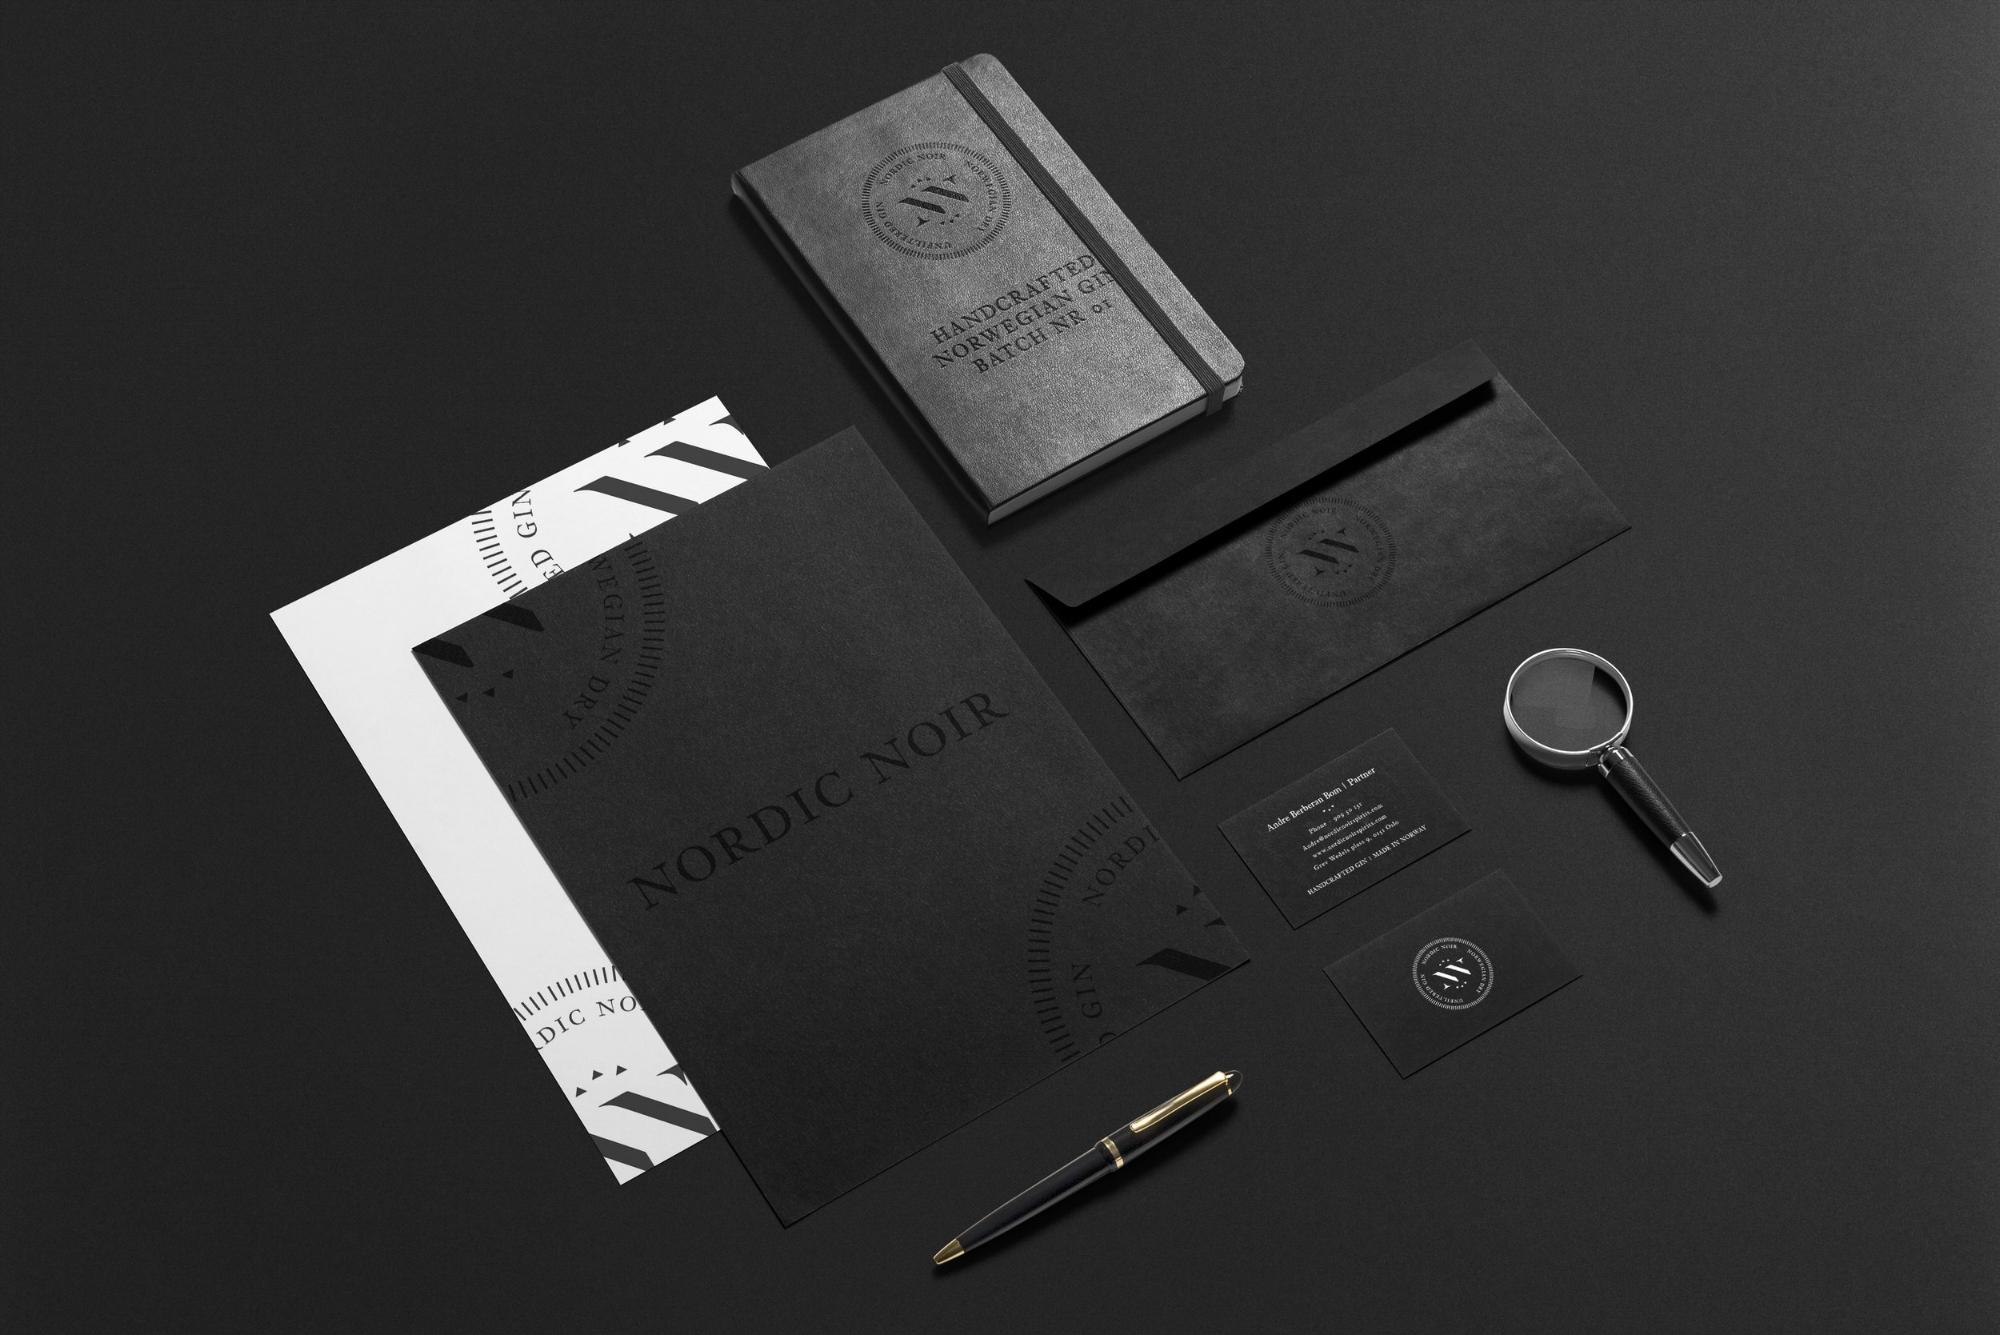 Nordic Noir logo stationary.jpg